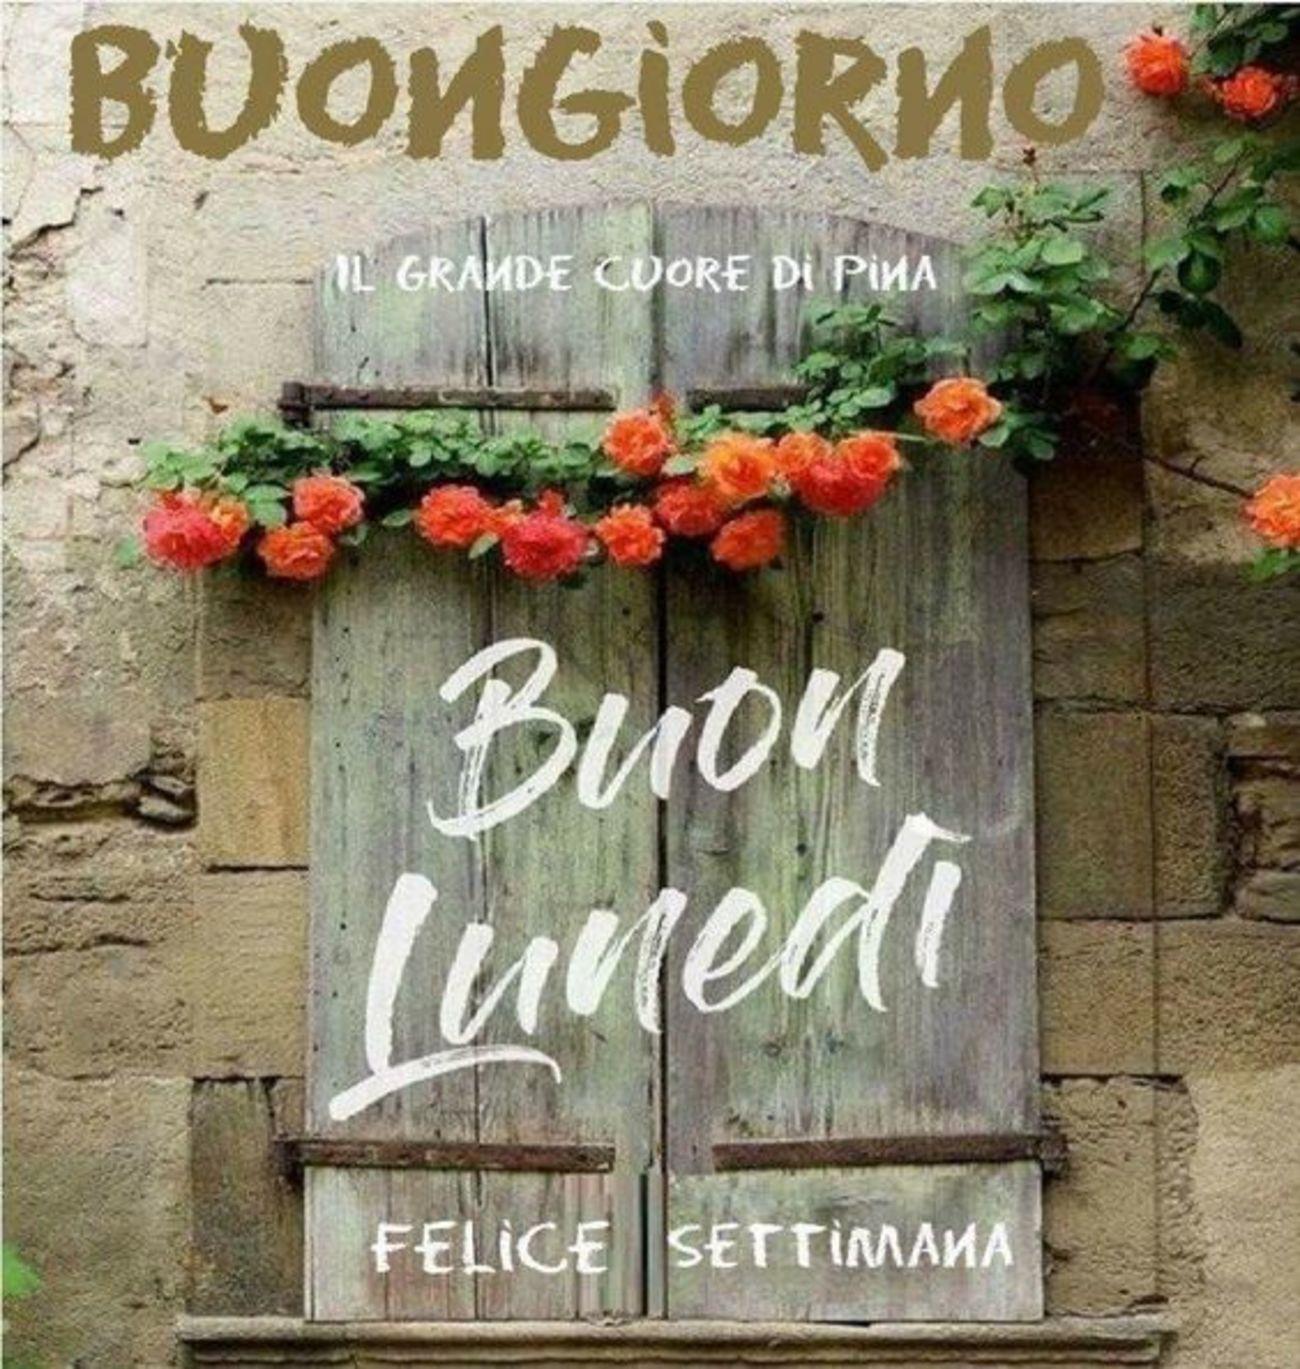 Buon luned immagini belle x whatsapp 244 buongiorno for Buon lunedi whatsapp